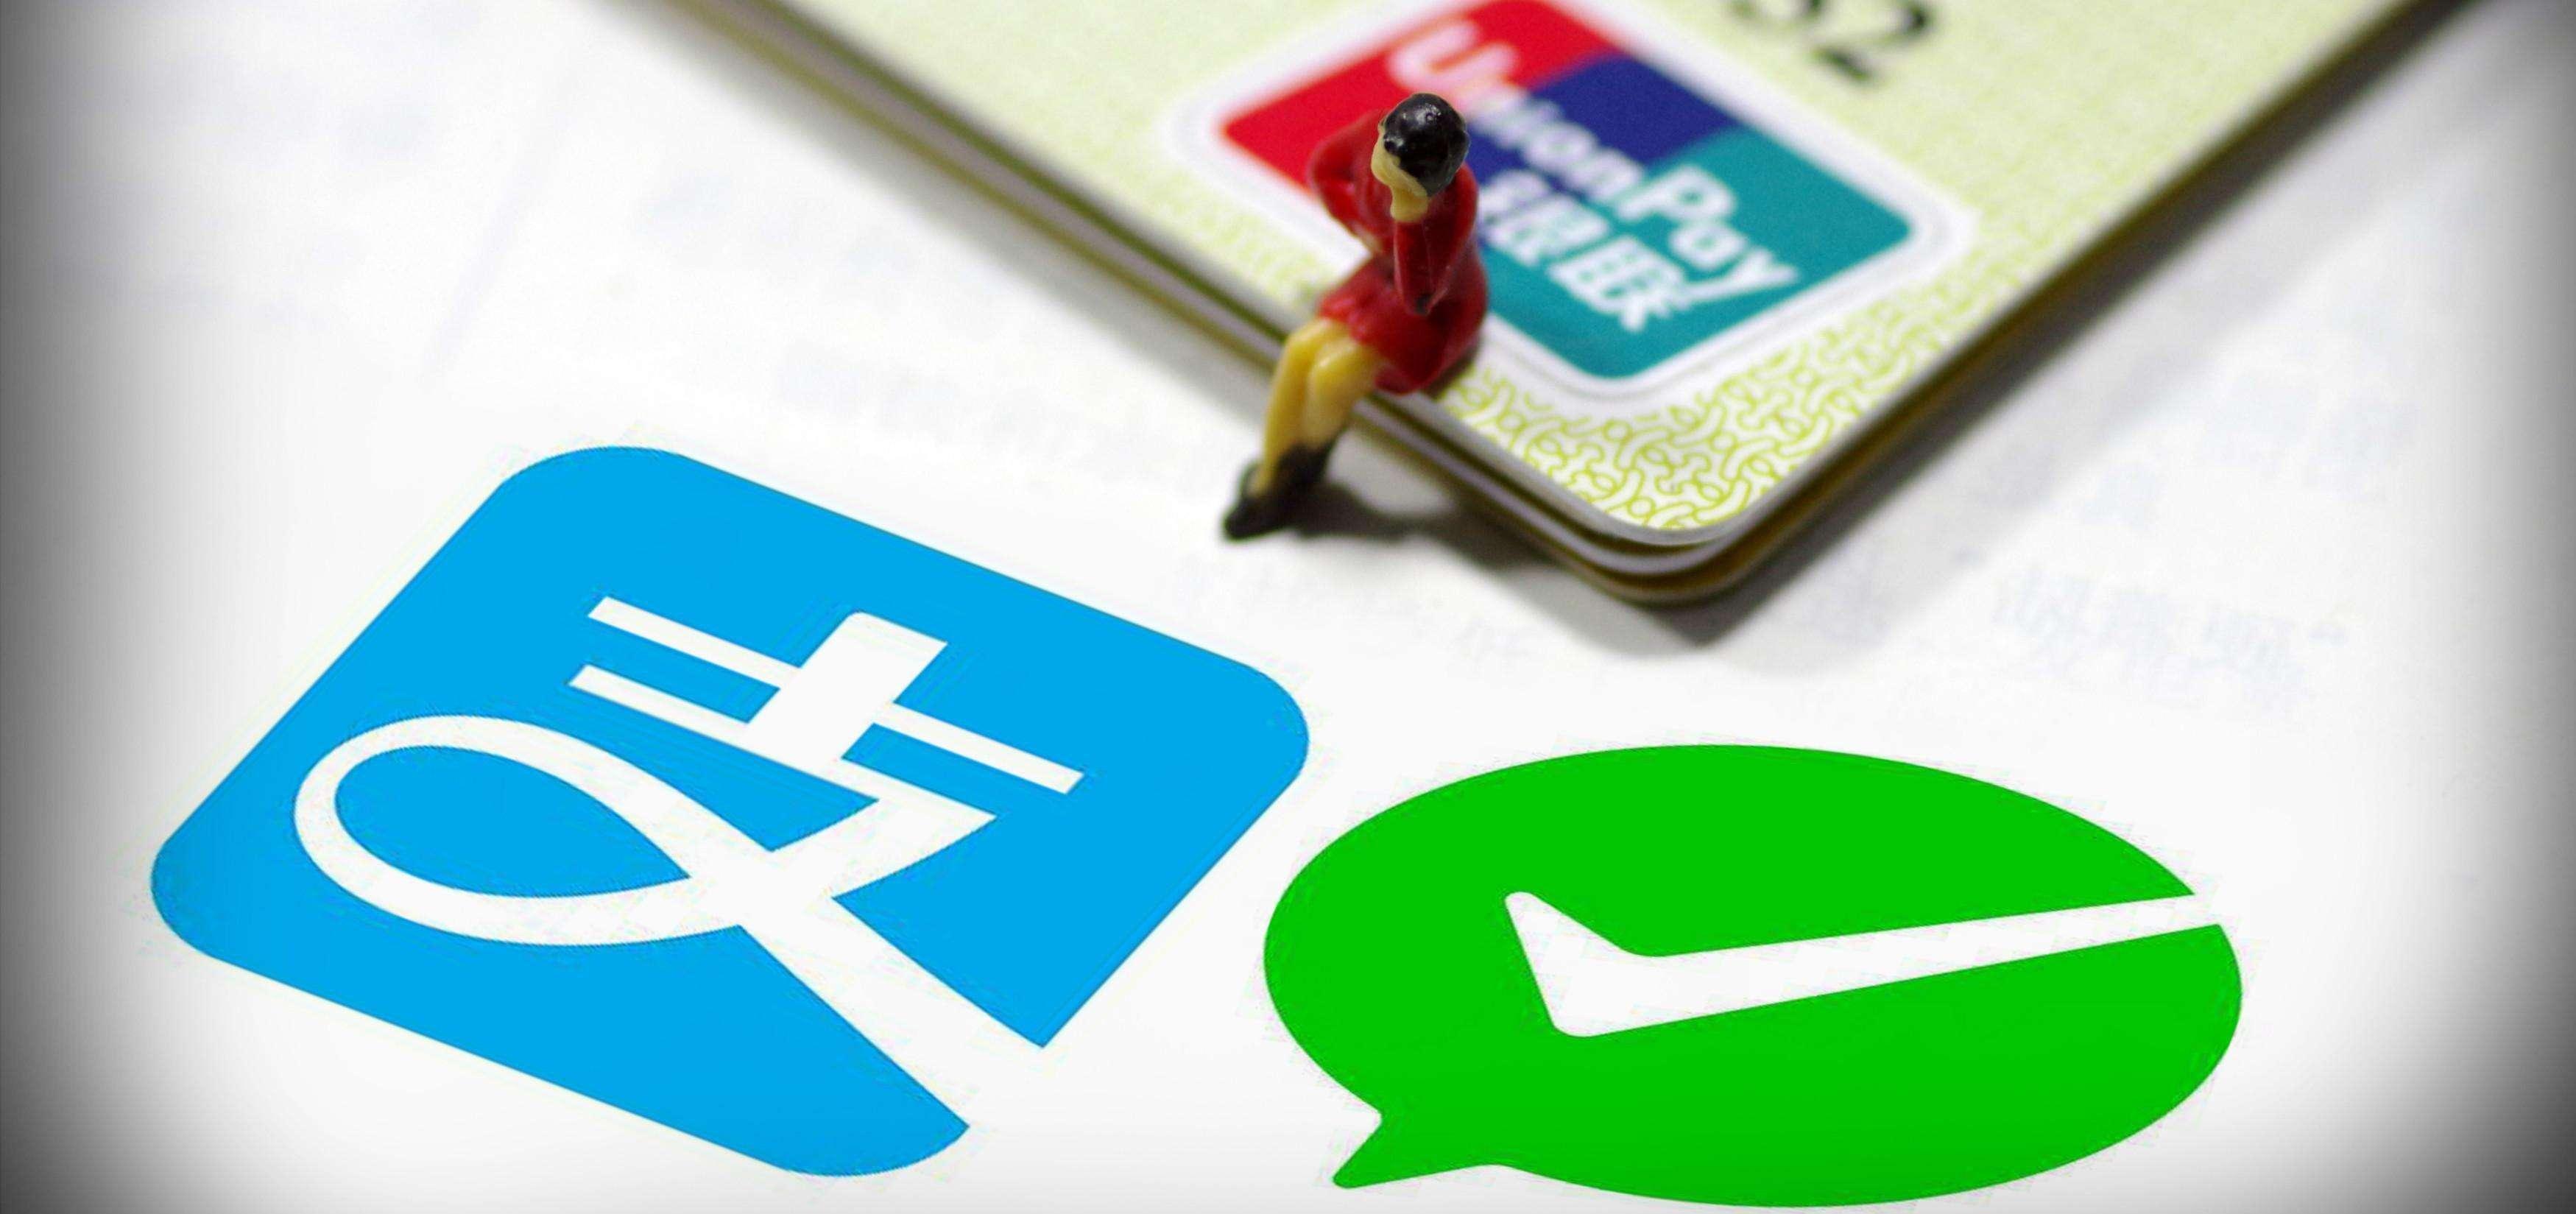 央行推行数字货币,支付宝和微信支付会受到影响吗?